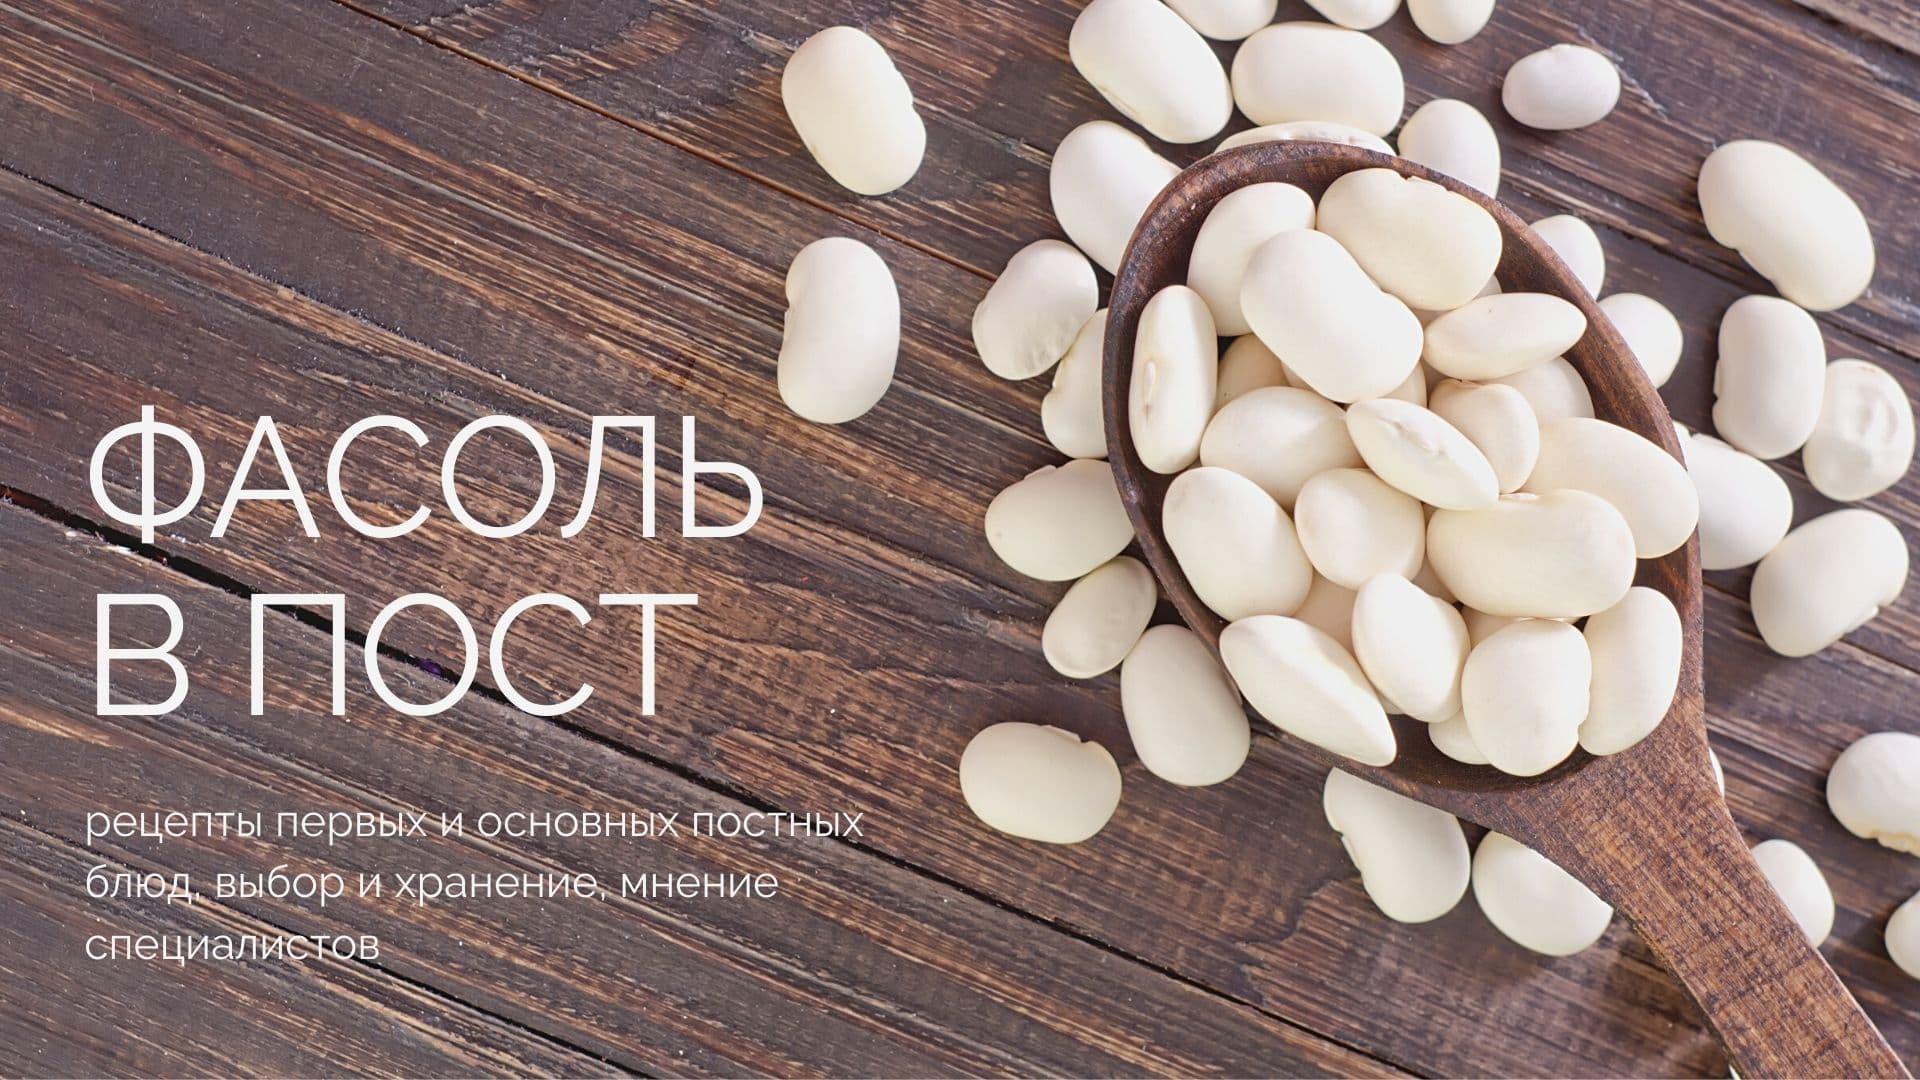 Фасоль в пост: рецепты первых и основных постных блюд, выбор и хранение, мнение специалистов